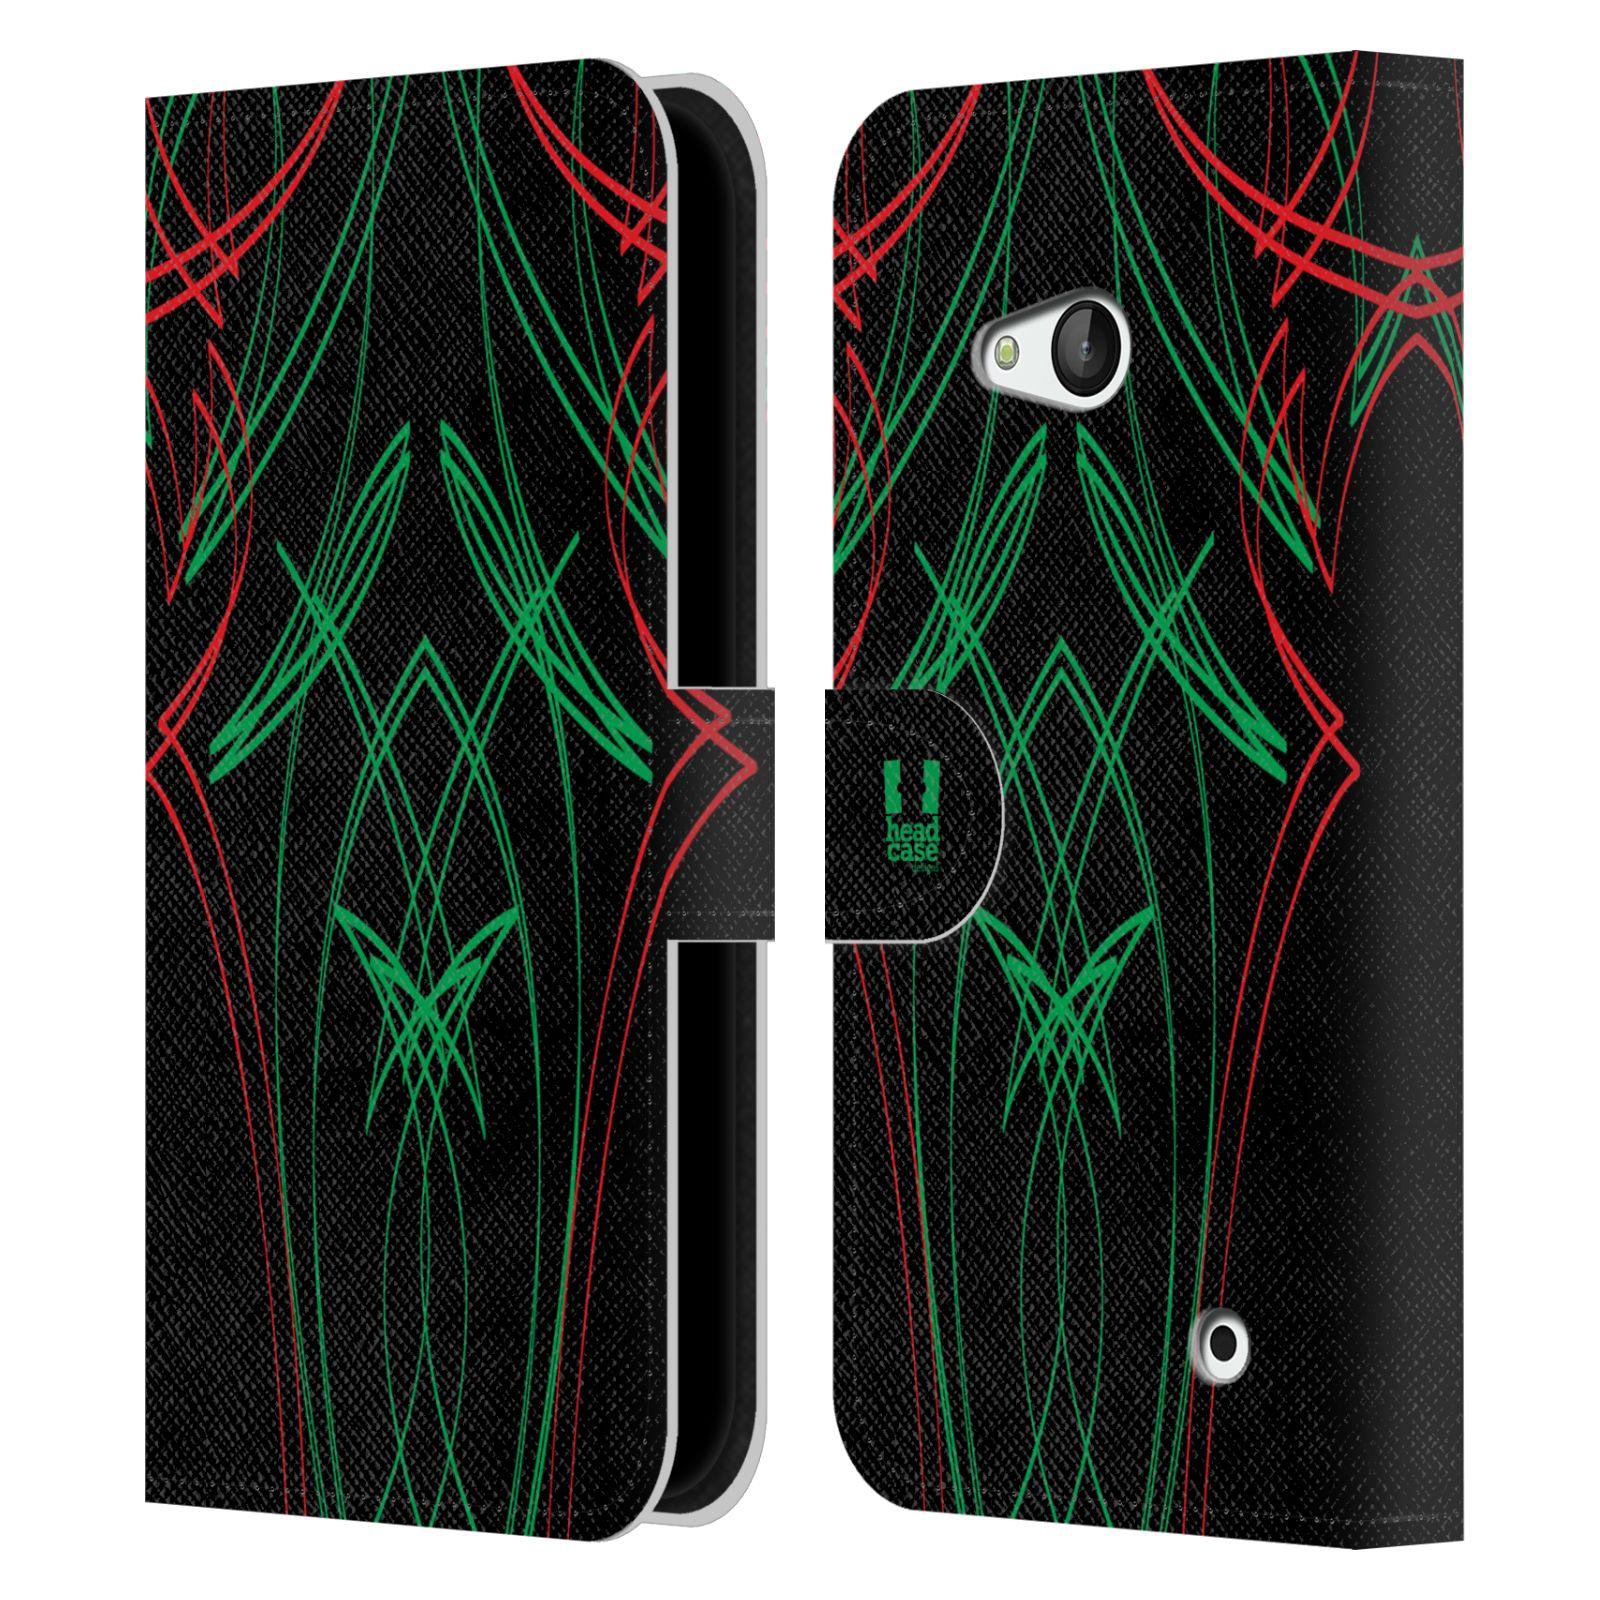 HEAD CASE Flipové pouzdro pro mobil NOKIA / MICROSOFT LUMIA 640 / LUMIA 640 DUAL barevné proužky tvary zelená a červená